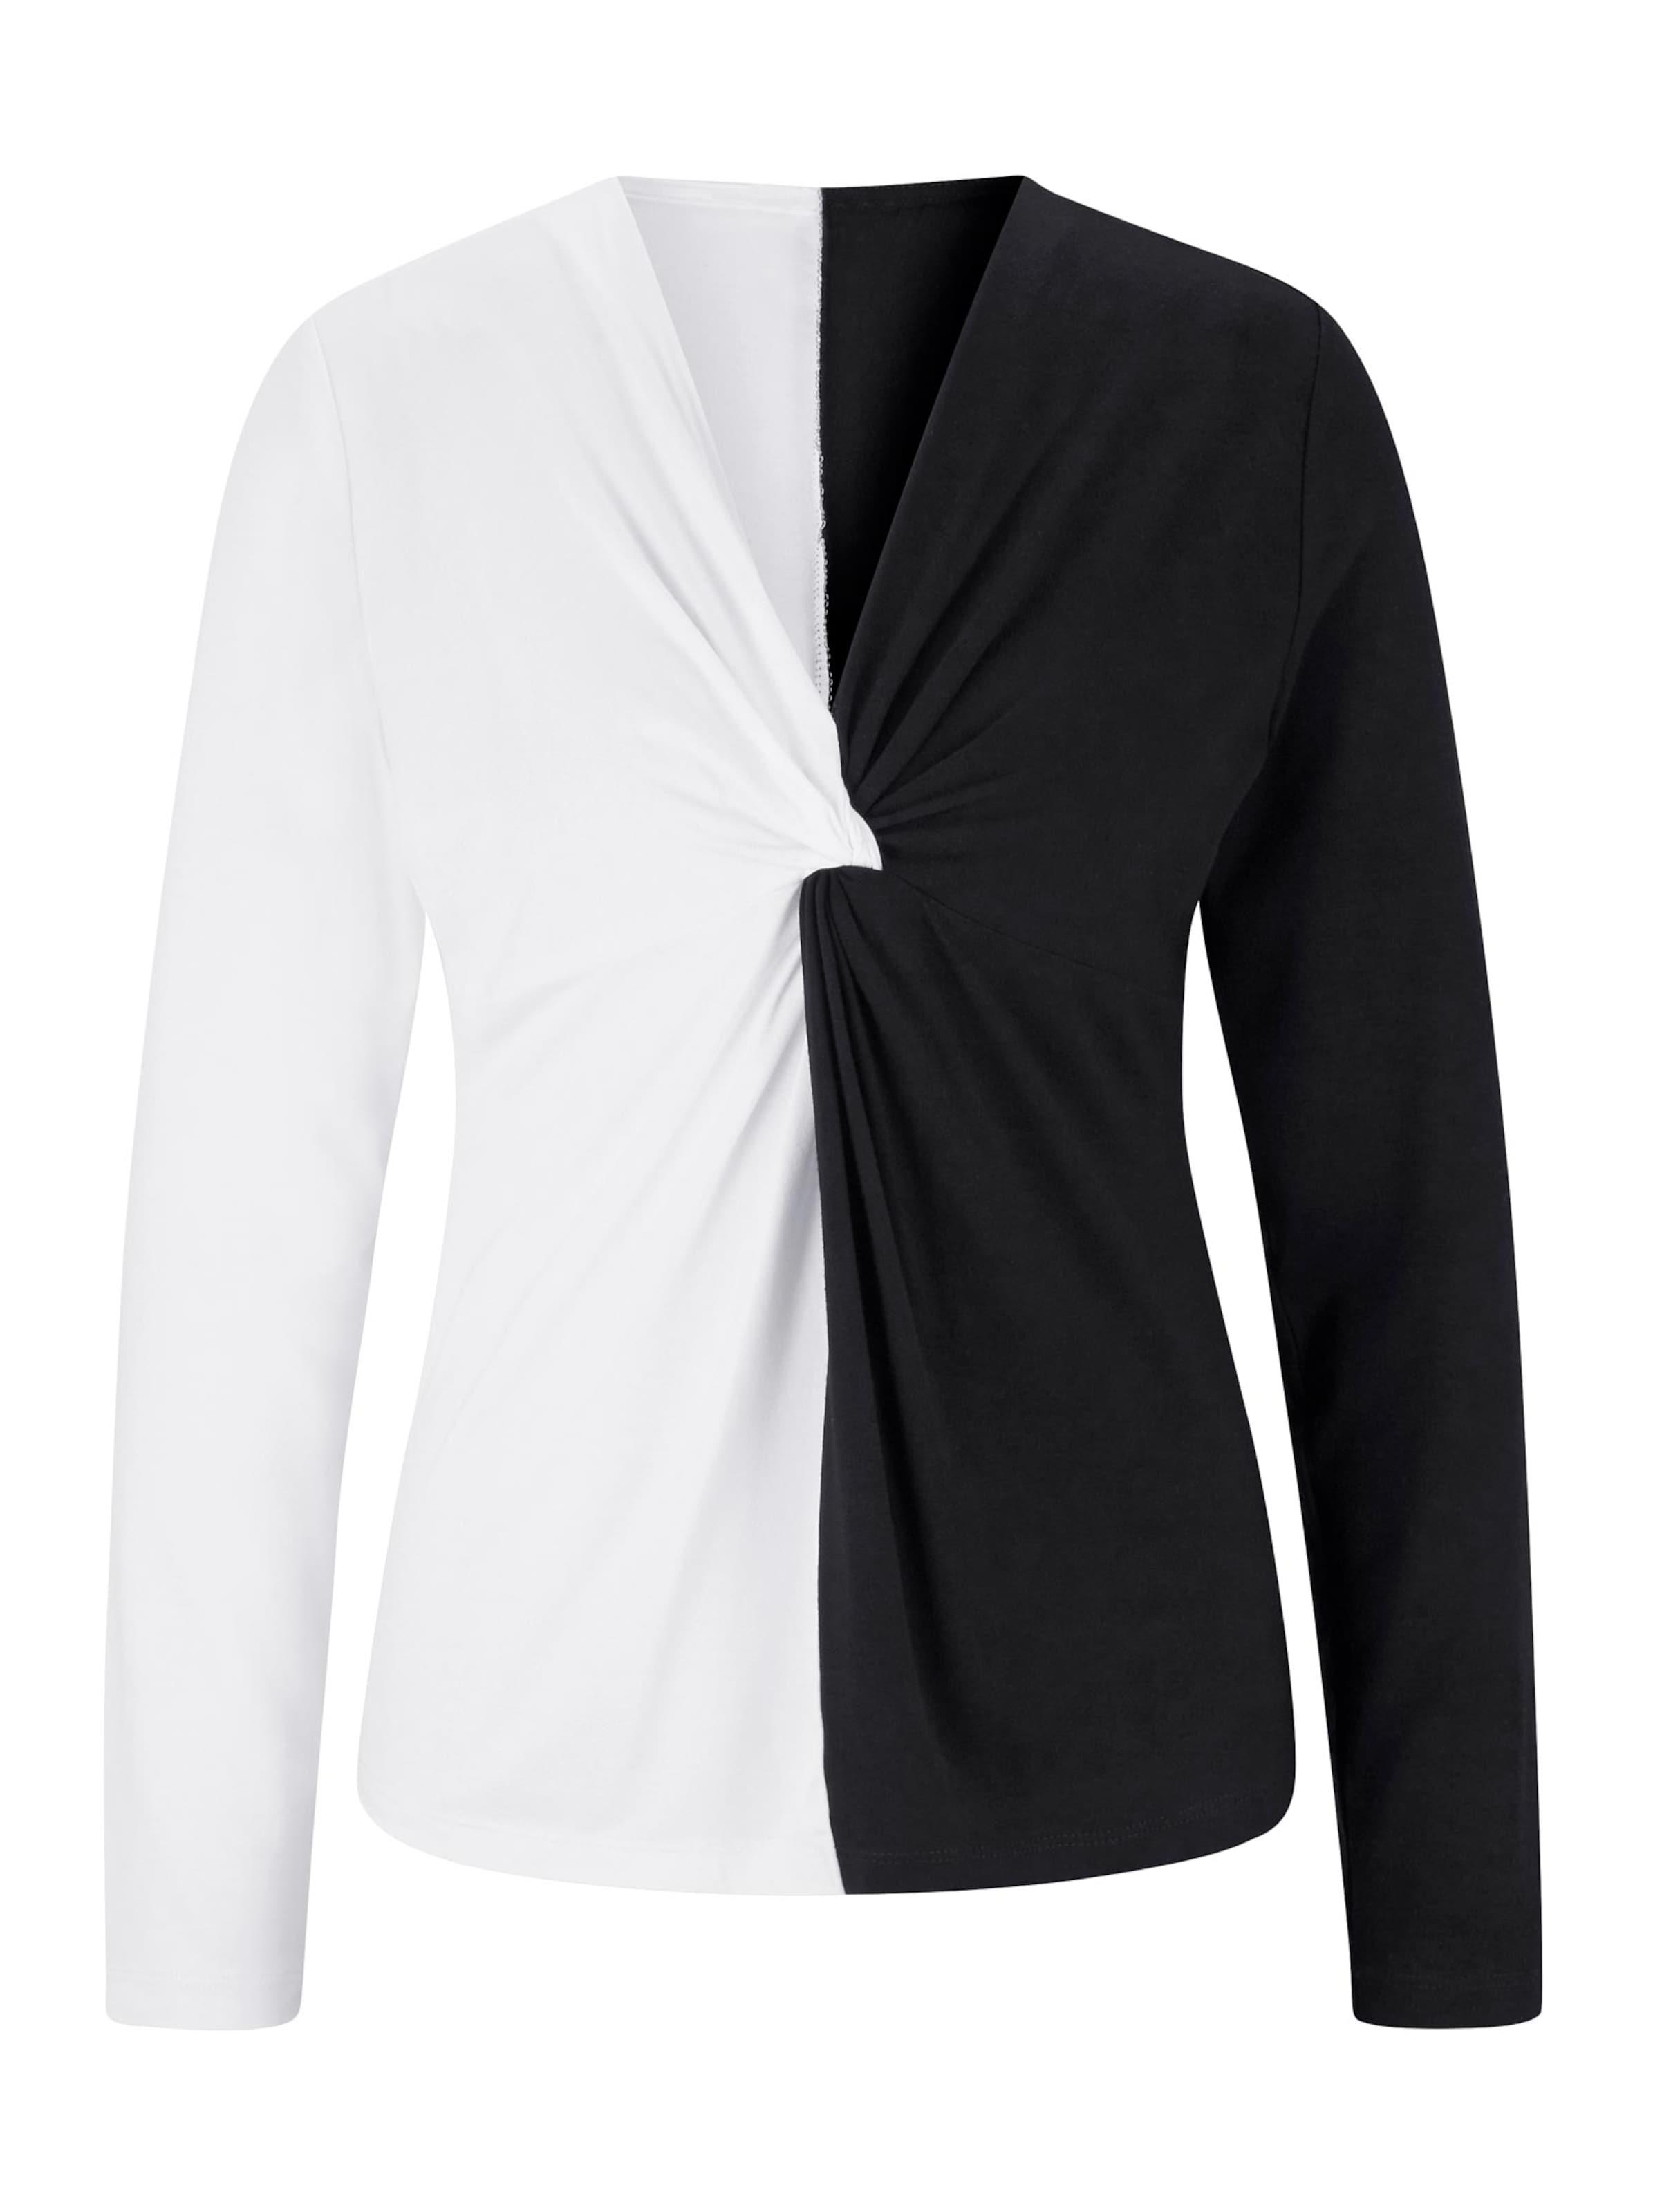 ashley brooke - Witt Weiden Damen Shirt ecru-schwarz